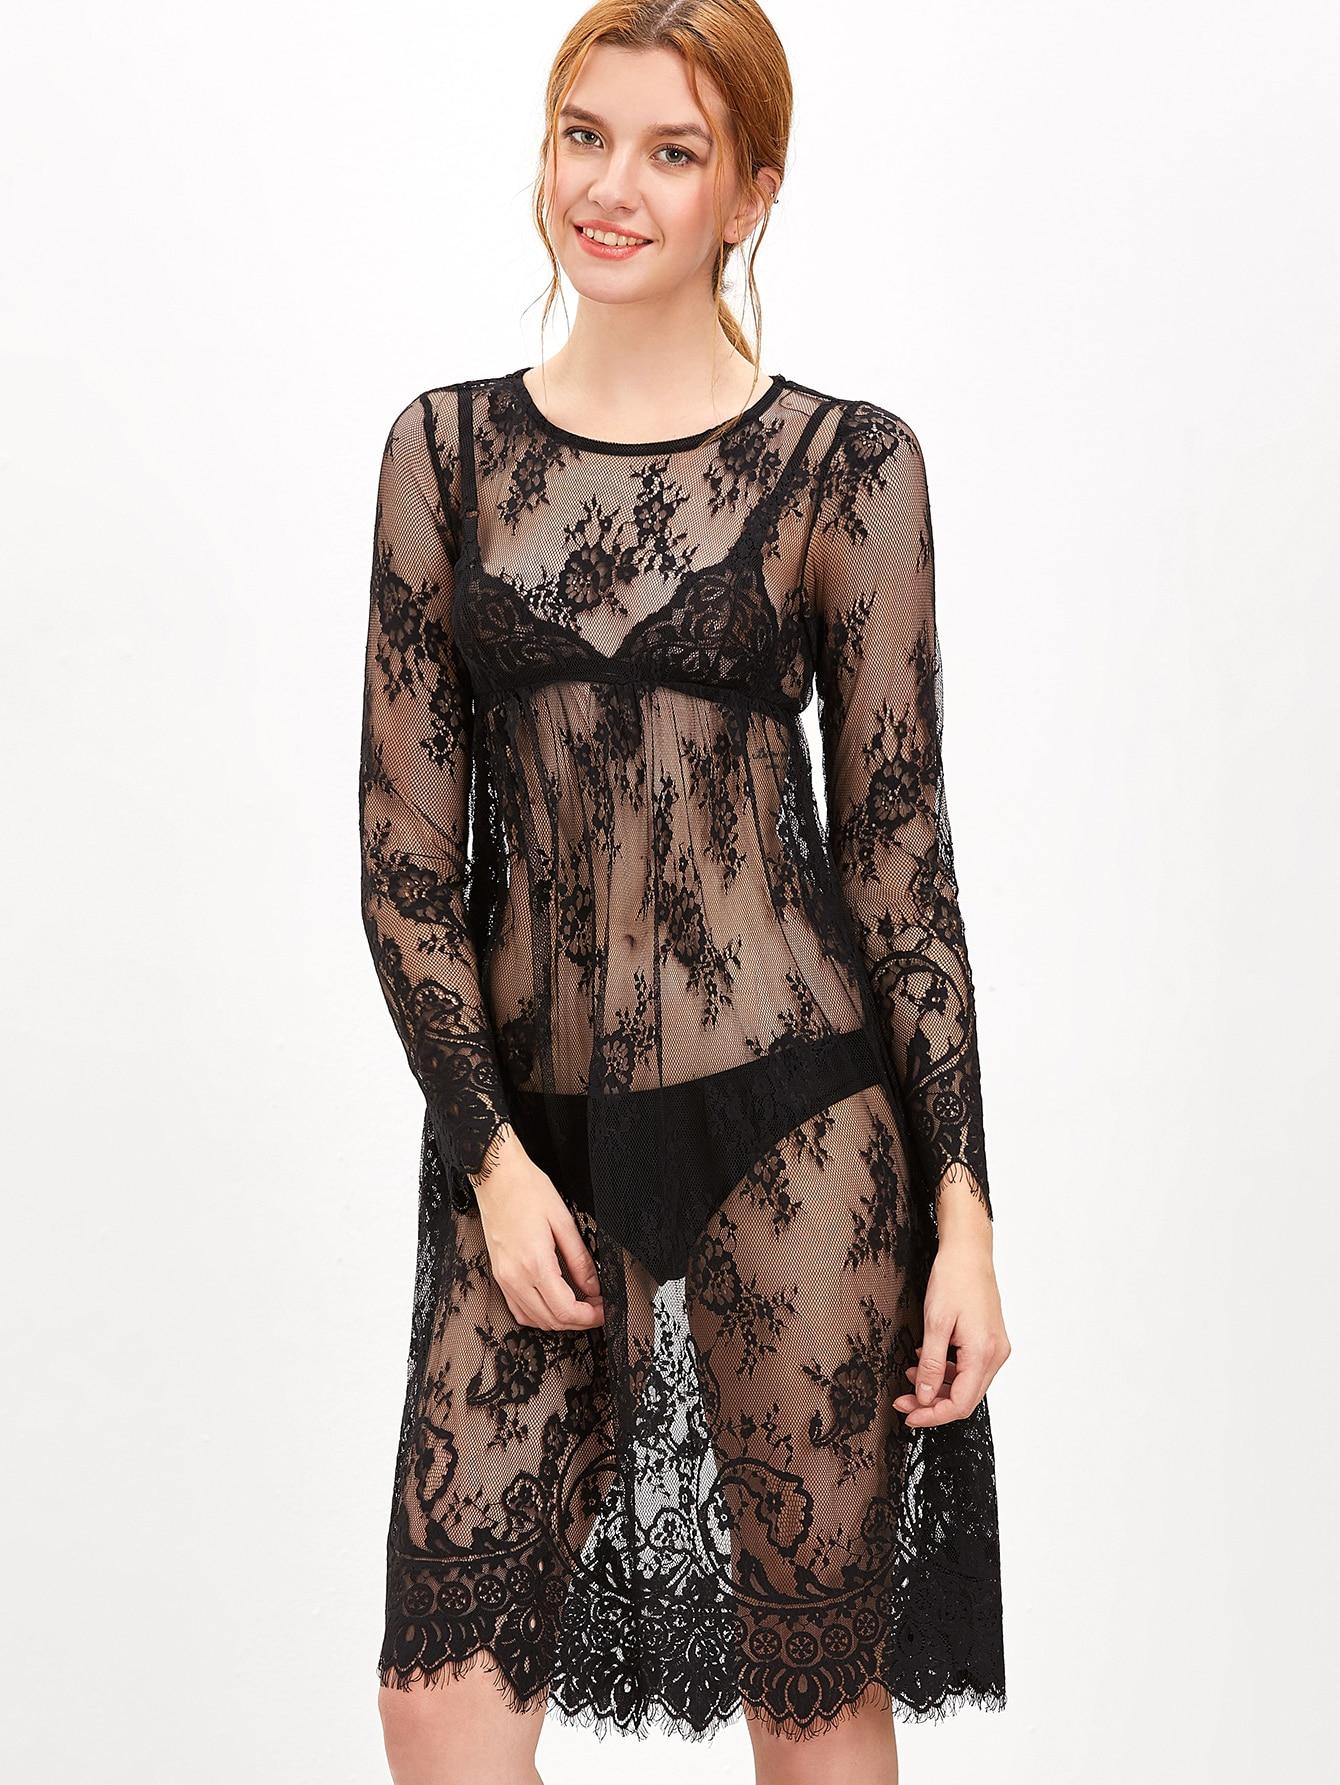 Black Sheer Floral Lace DressBlack Sheer Floral Lace Dress<br><br>color: Black<br>size: M,S,XS